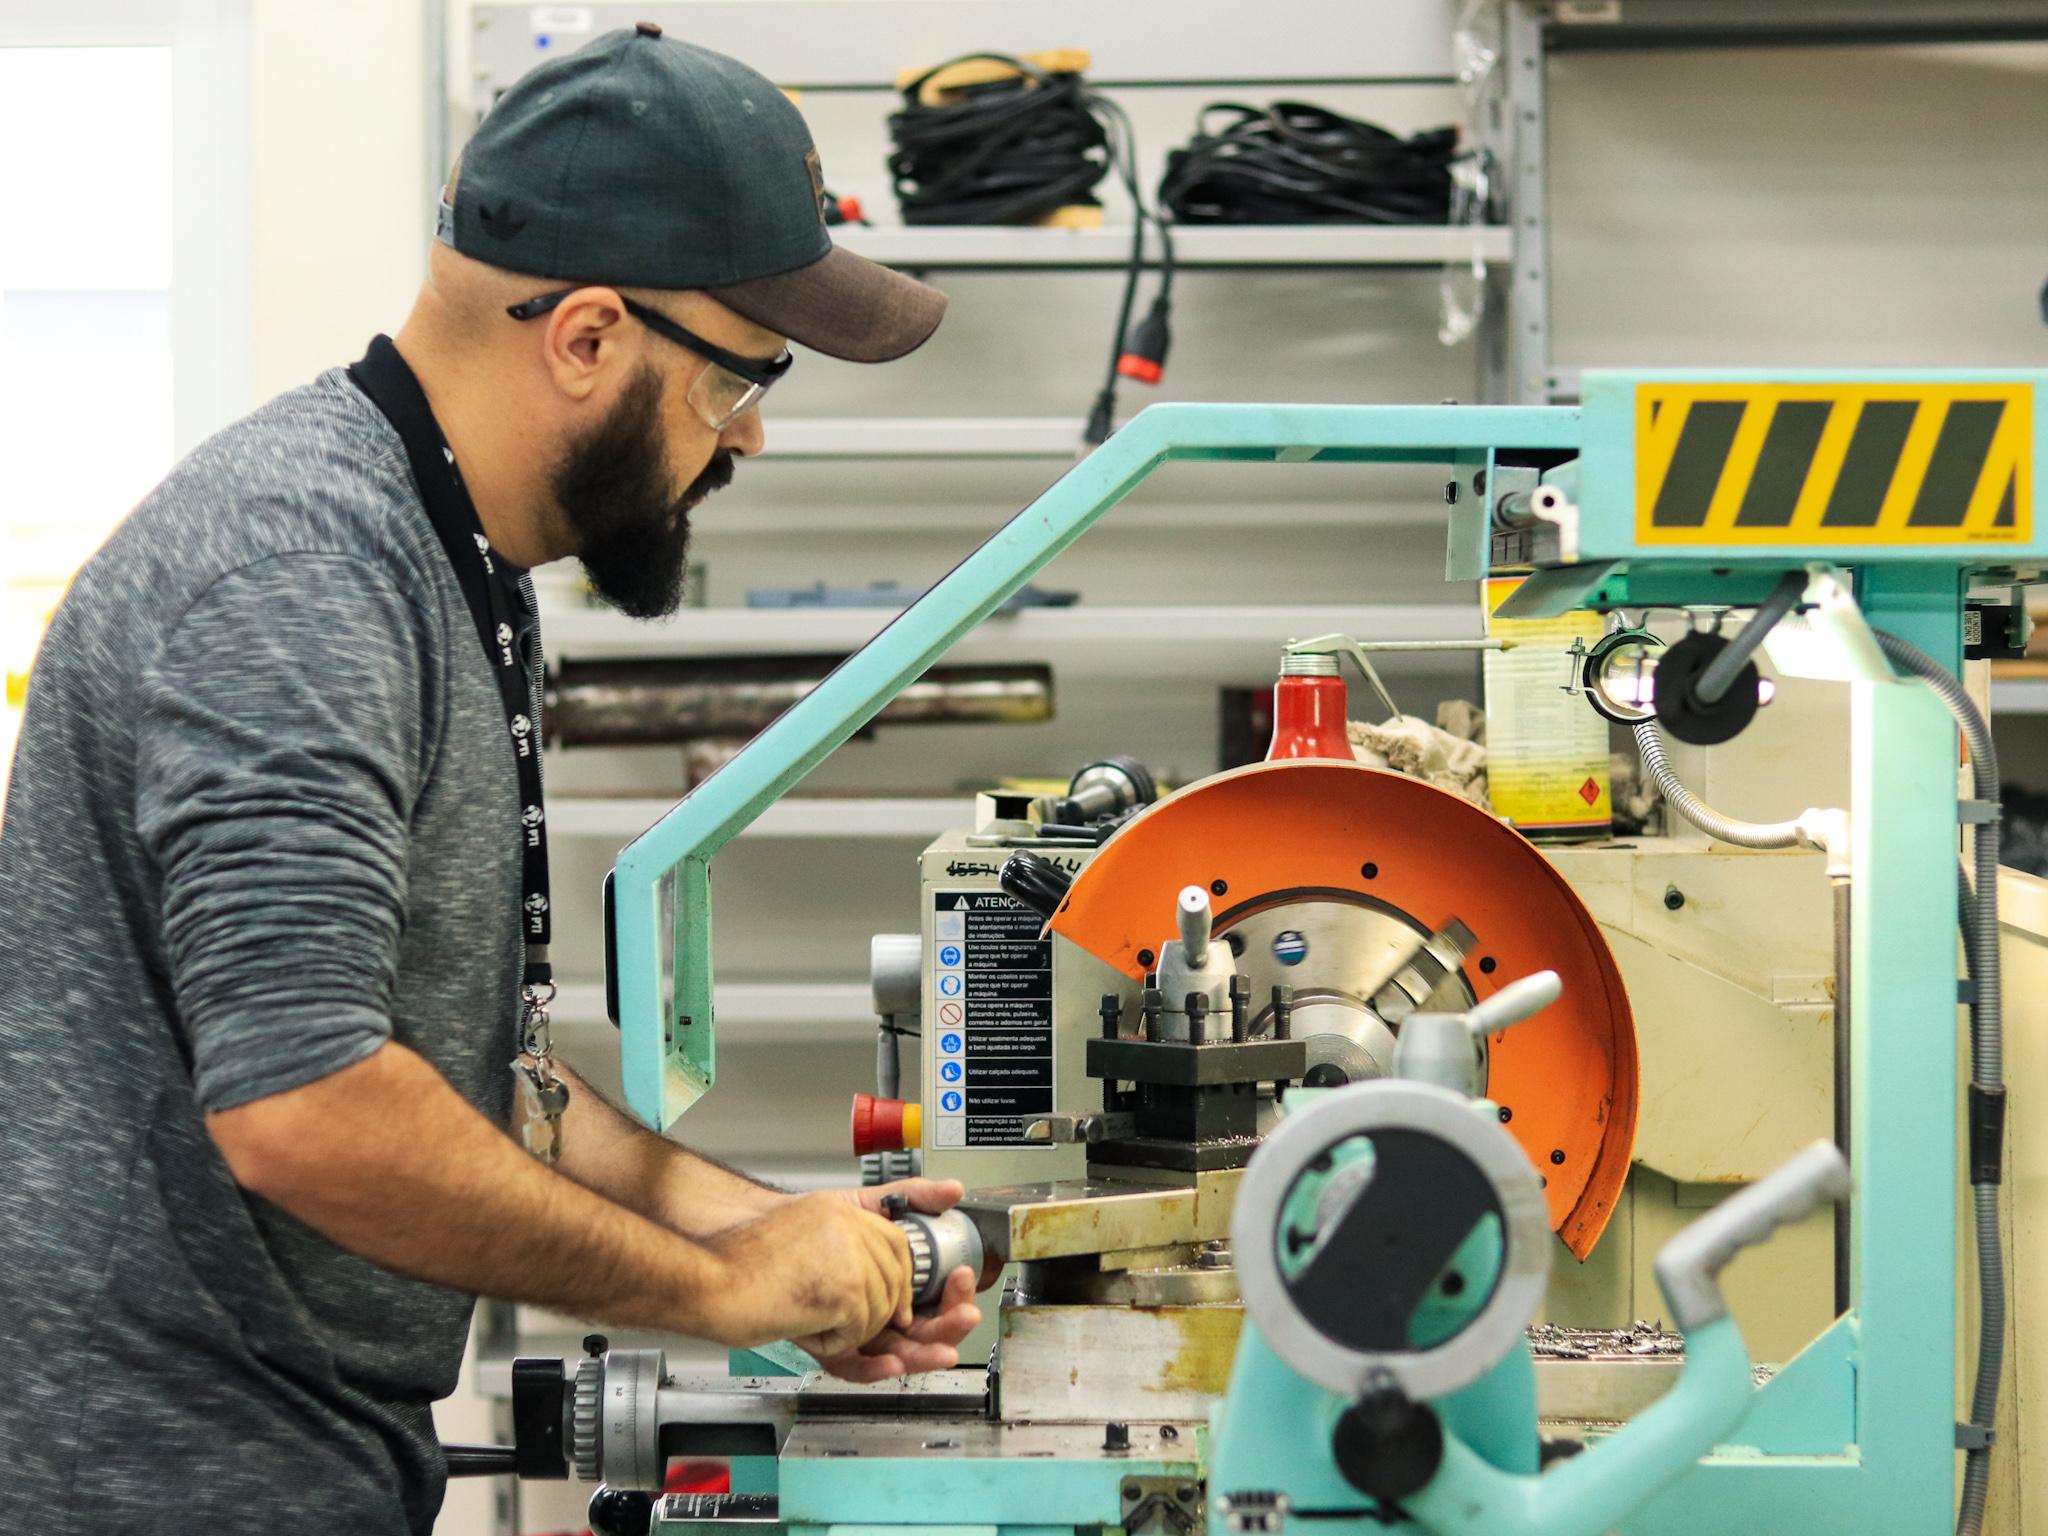 Jovem trabalha com uma peça de metal, cilíndrica, em uma máquina colocada numa bancada